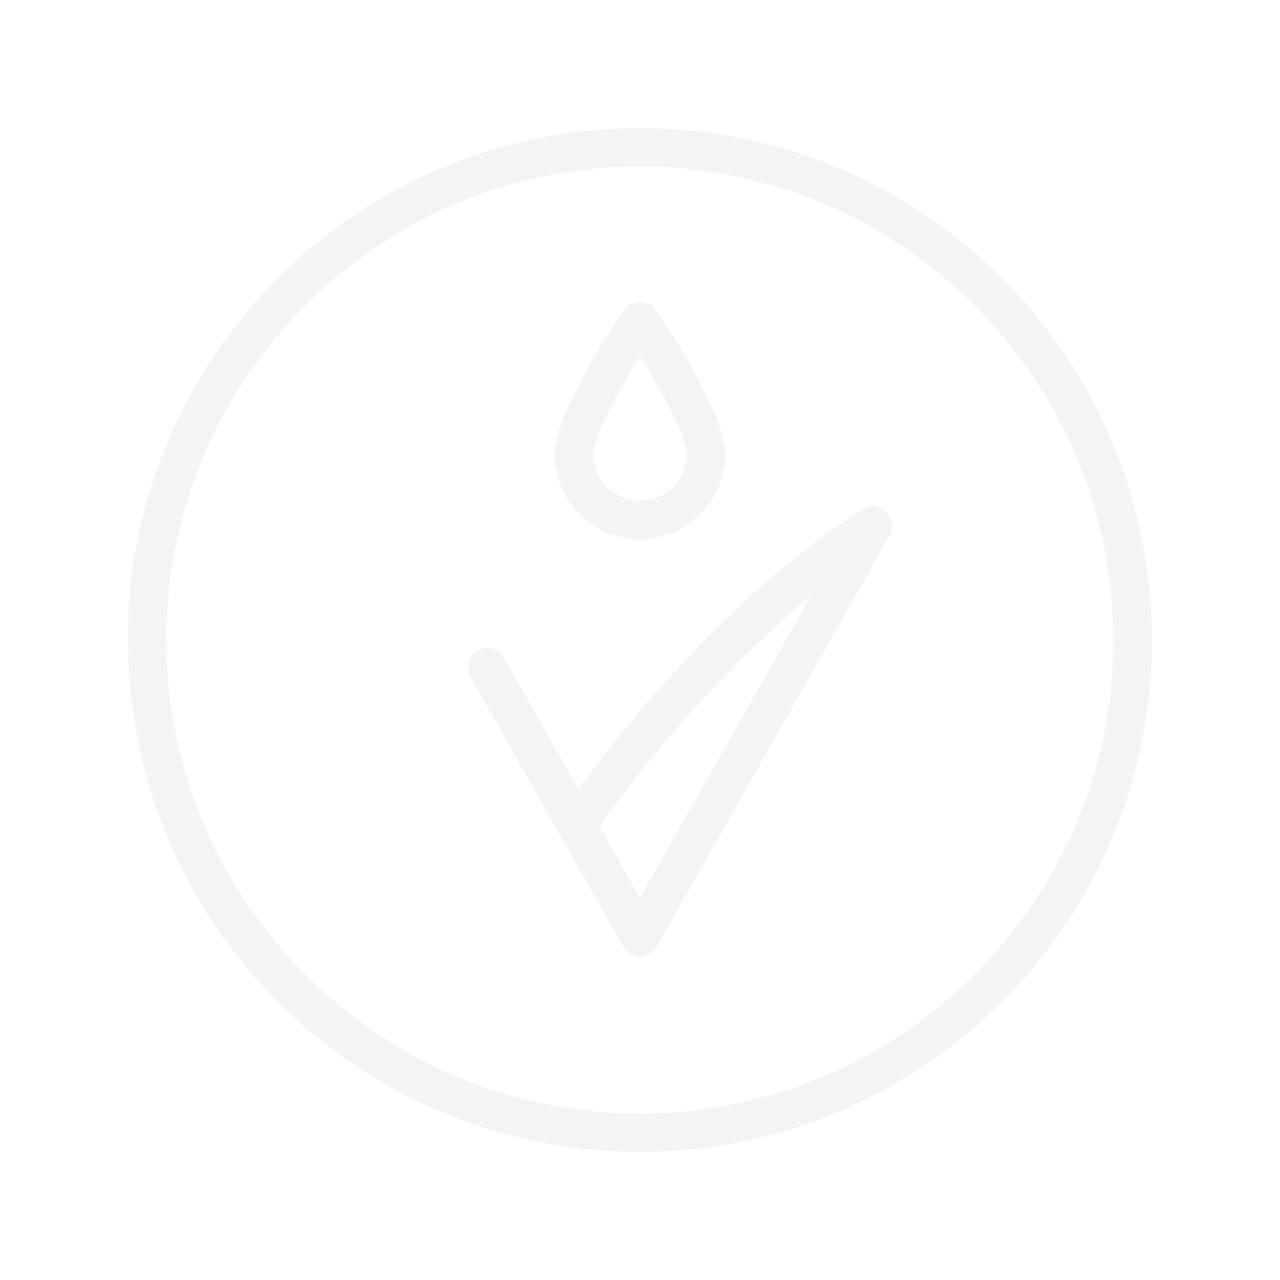 Macadamia Tervendav juukseõli 10ml